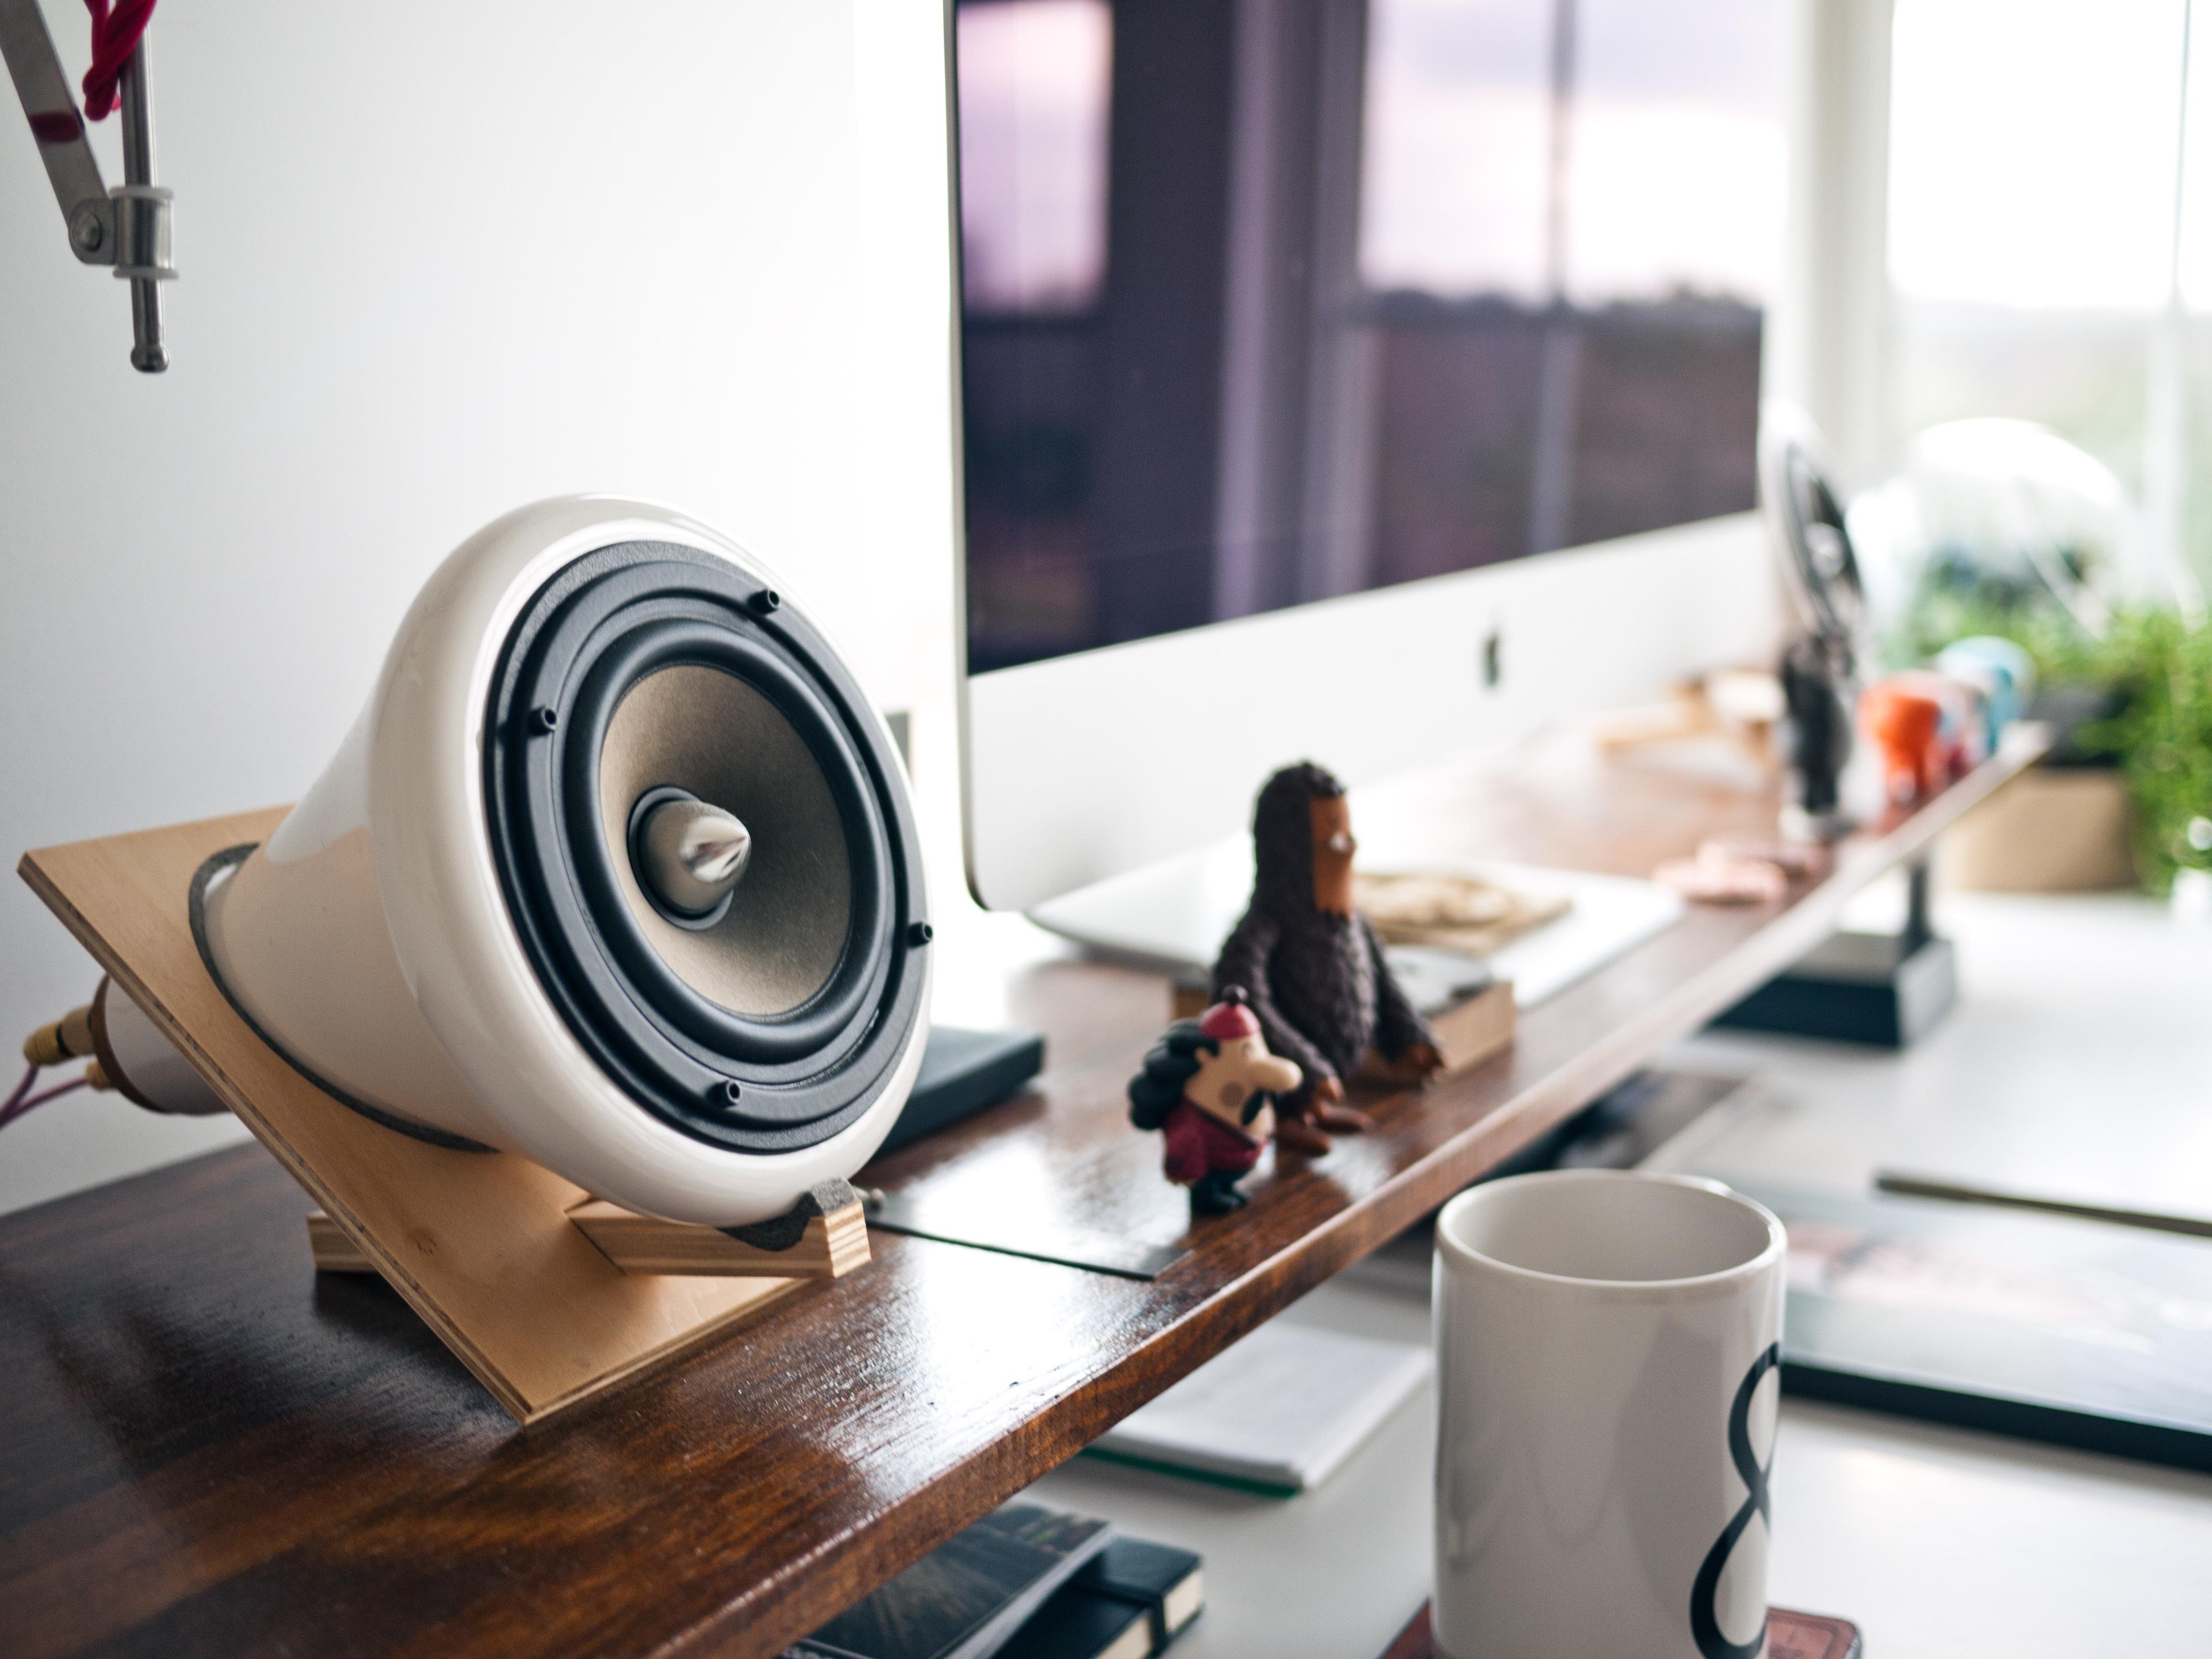 Desk Work Apple Table Workspace Desktop Speaker Room Interior Design  Designer Imac Design Display Sound Loudspeaker